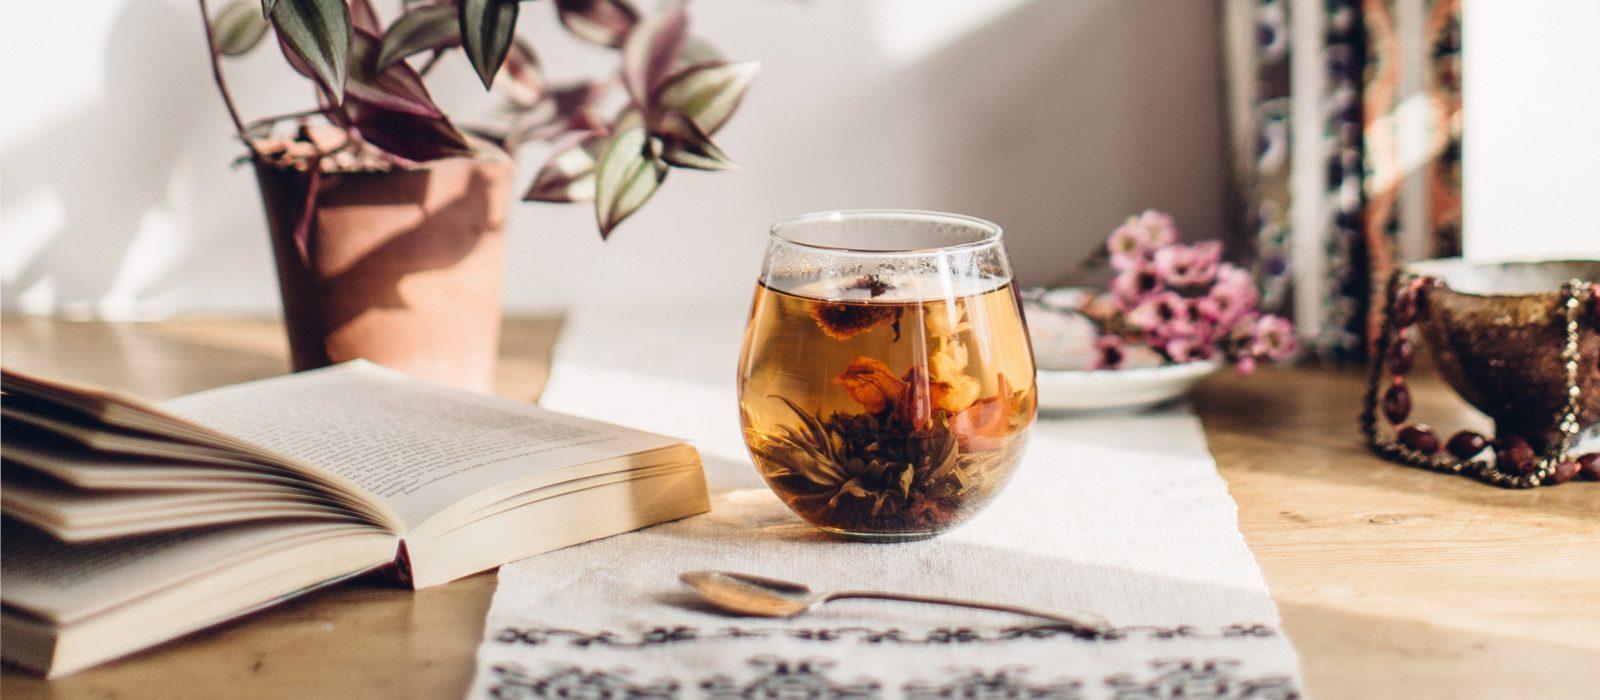 Saint-Valentin 2021 – La magie romantique des fleurs de thé NEWBY